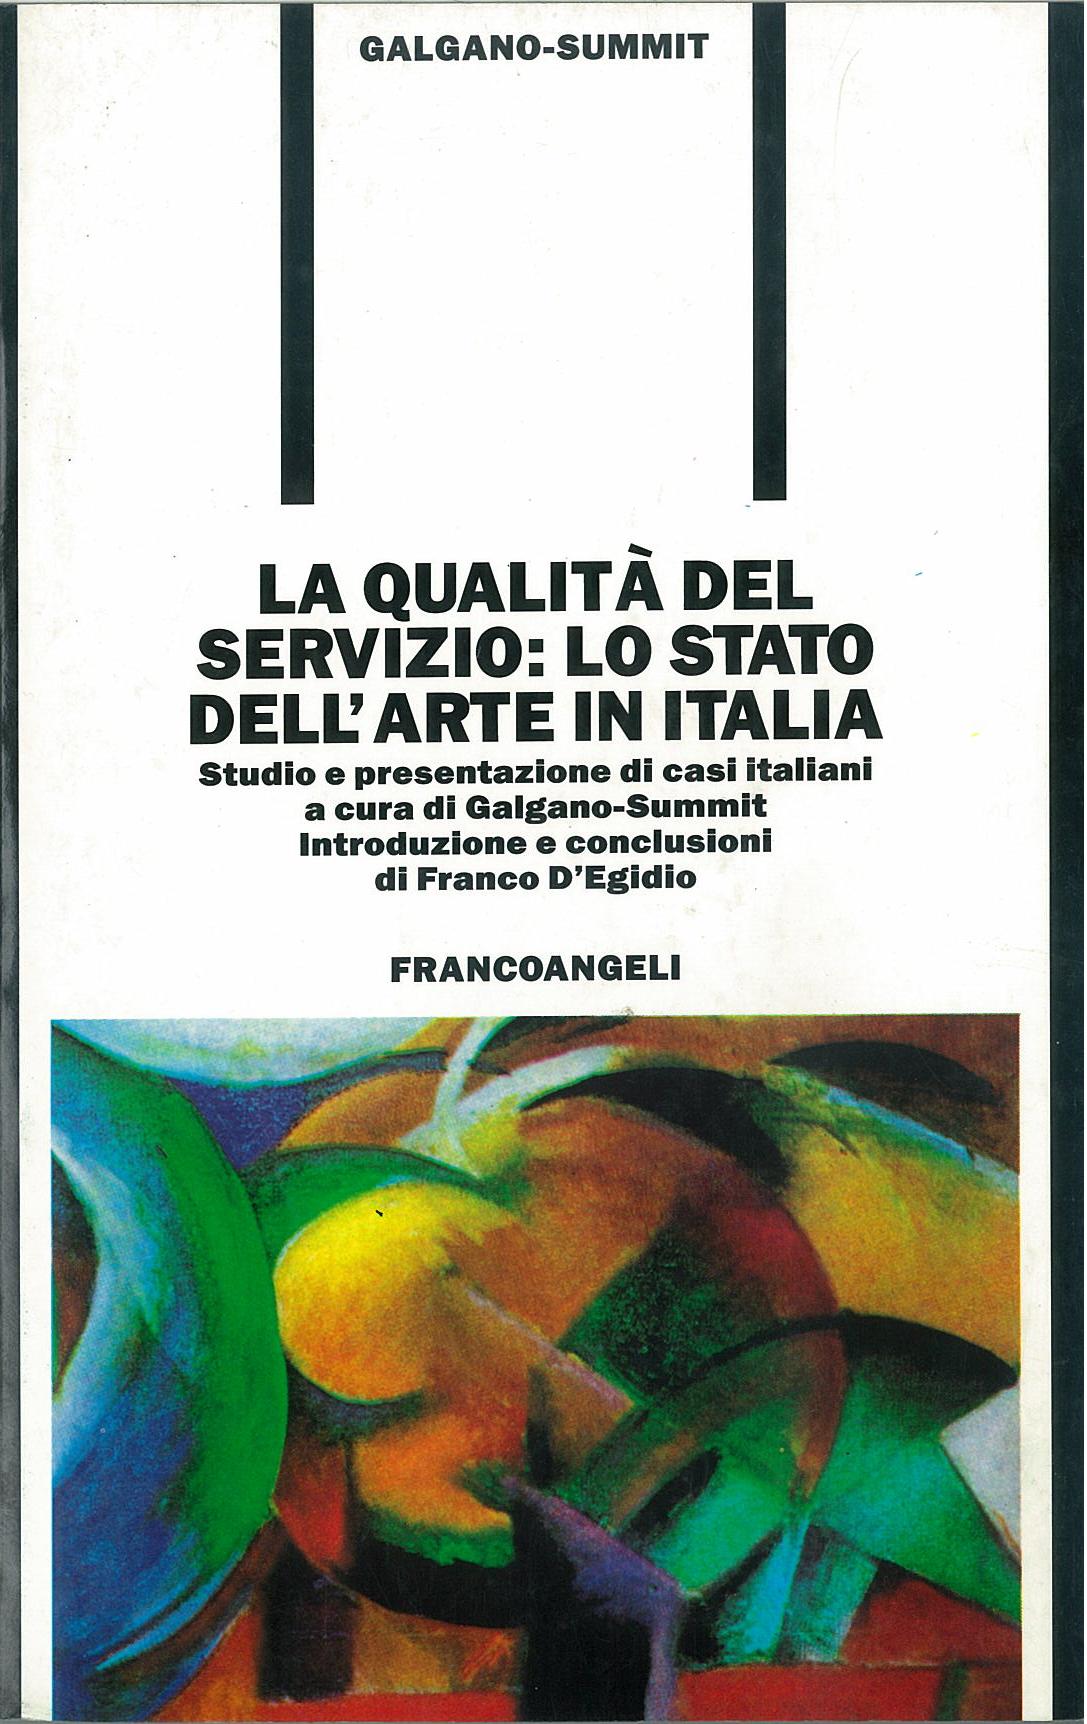 La qualità del servizio: lo stato dell'arte in Italia